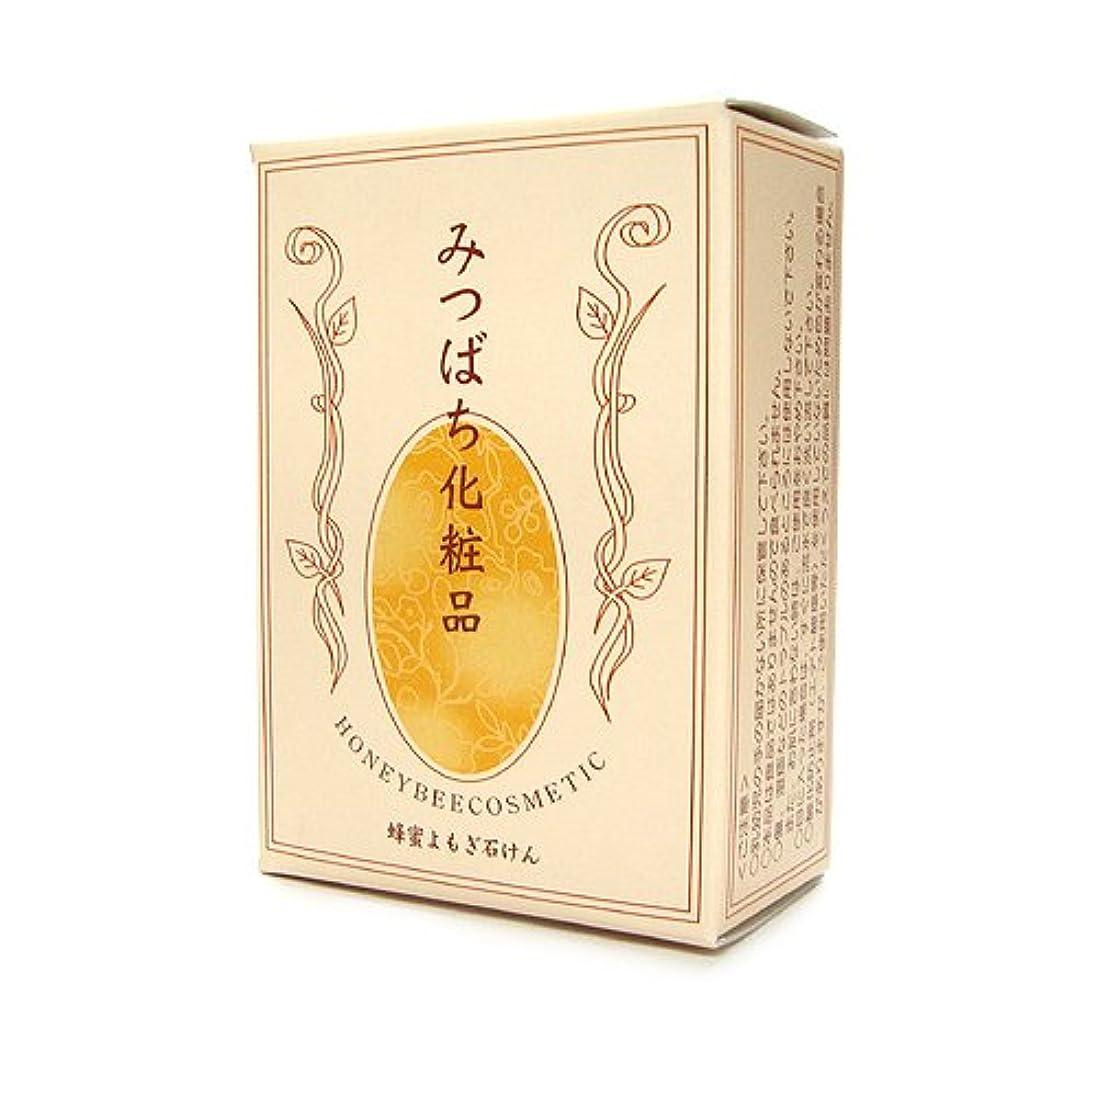 明るい純度急勾配の蜂蜜よもぎ石鹸 100g